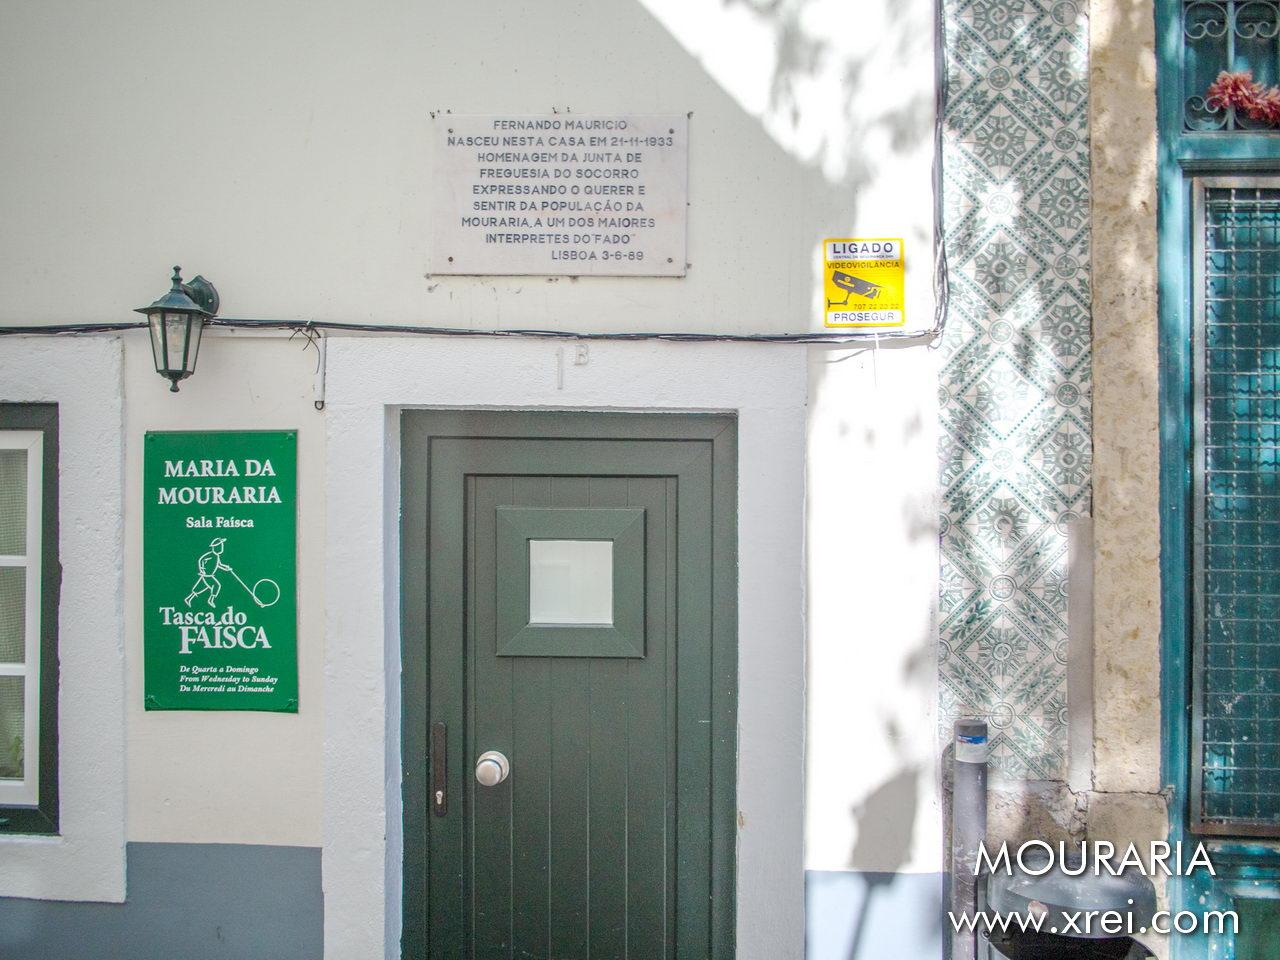 """Casa Fernando Maurício is an extension of the Fado Museum, dedicated to the fado singer Fernando Maurício (1933-2003), considered """"the King of Fado da Mouraria"""""""